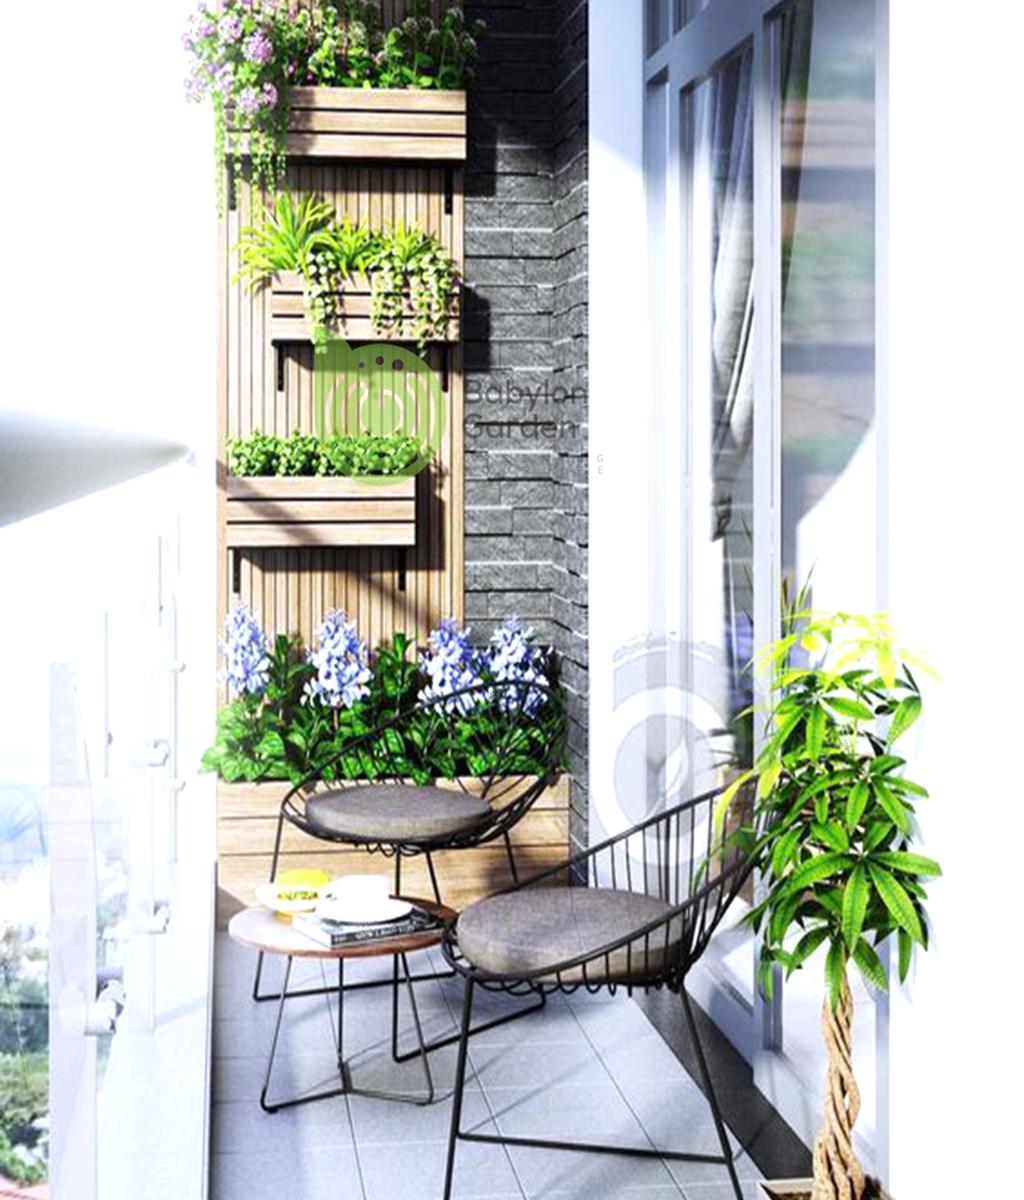 Stunning Apartment Balcony Garden Ideas Look Beautiful 16